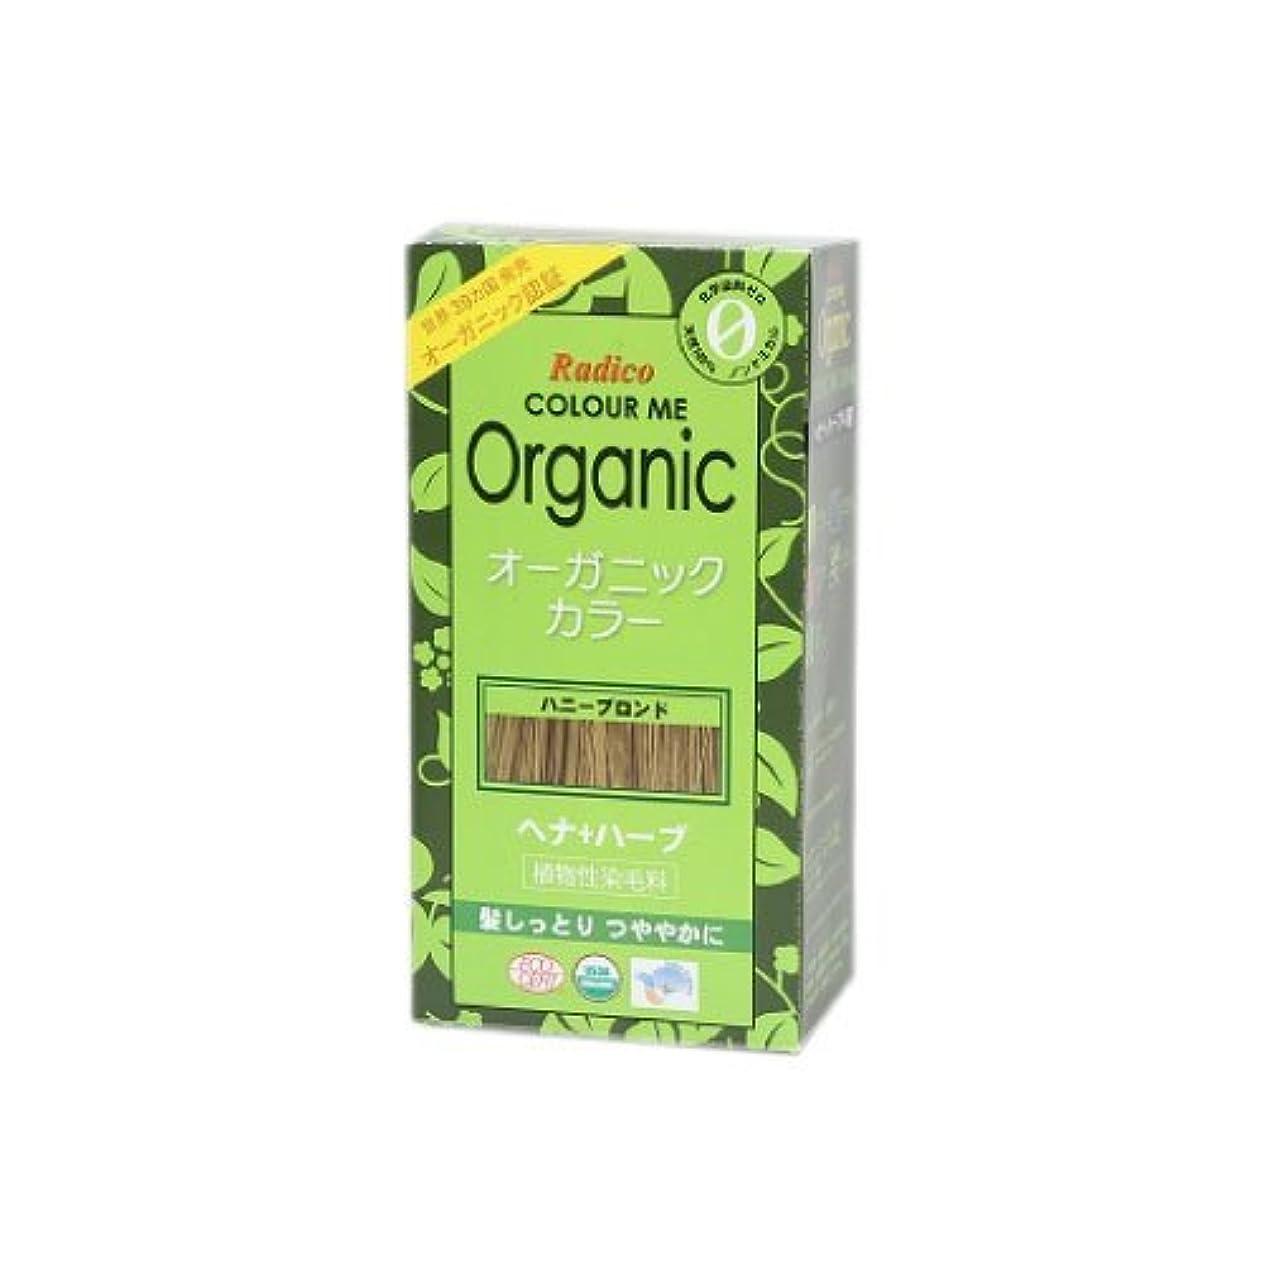 製造業ボックスお父さんCOLOURME Organic (カラーミーオーガニック ヘナ 白髪用) ハニーブロンド 100g